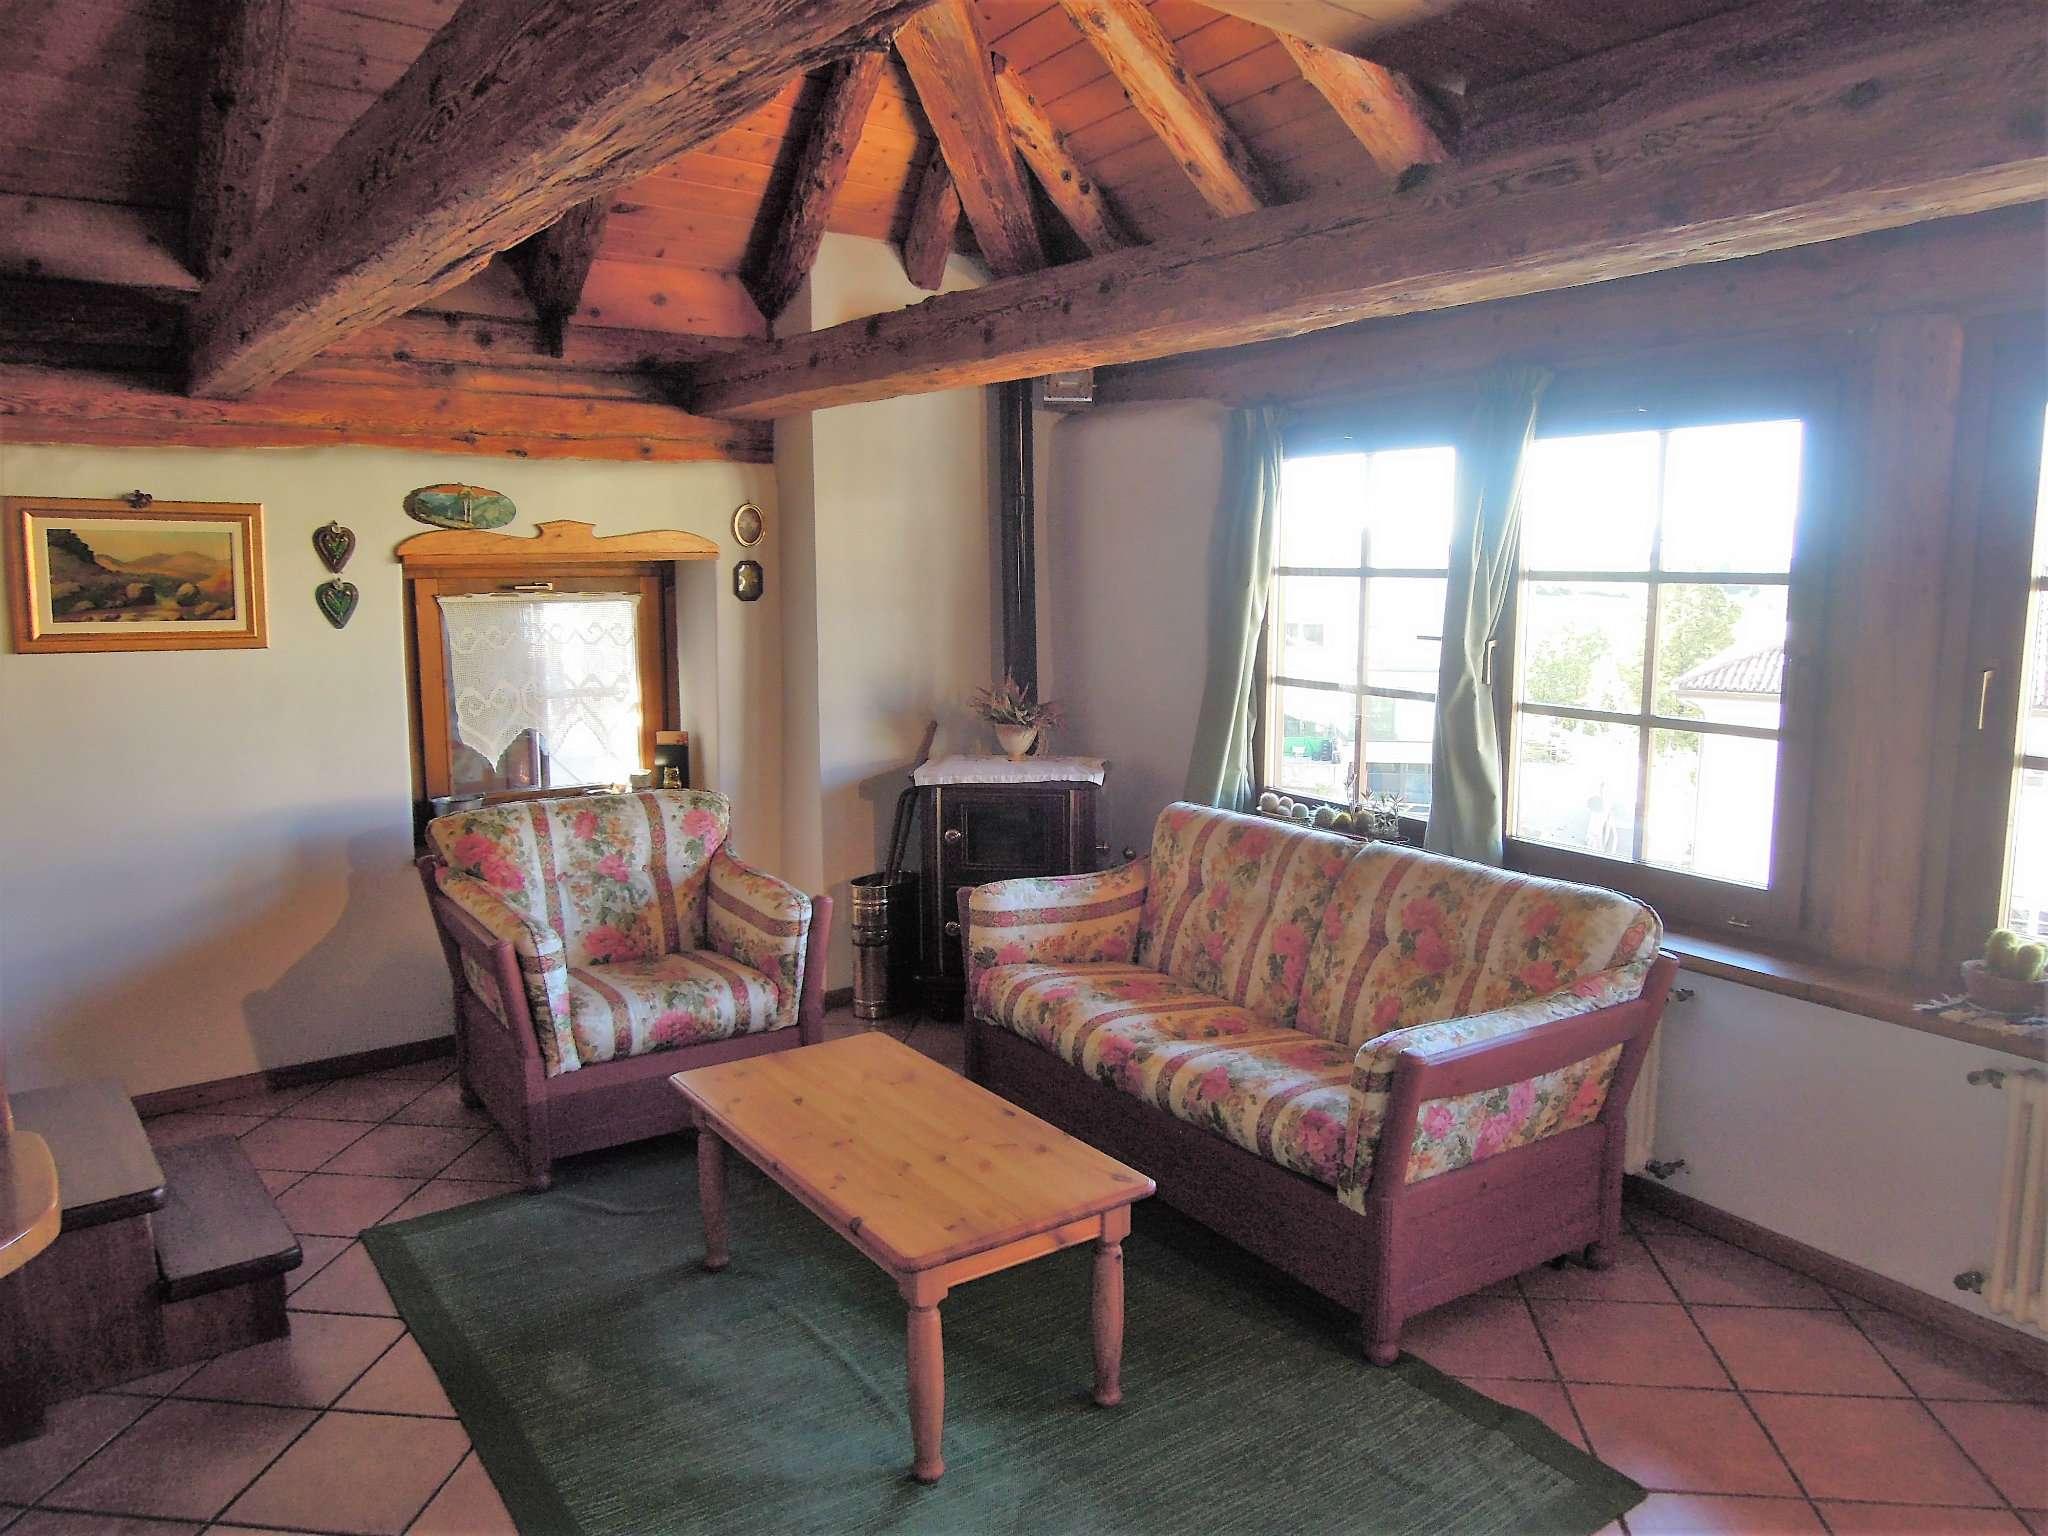 Appartamento in vendita a Fondo, 4 locali, prezzo € 125.000 | CambioCasa.it